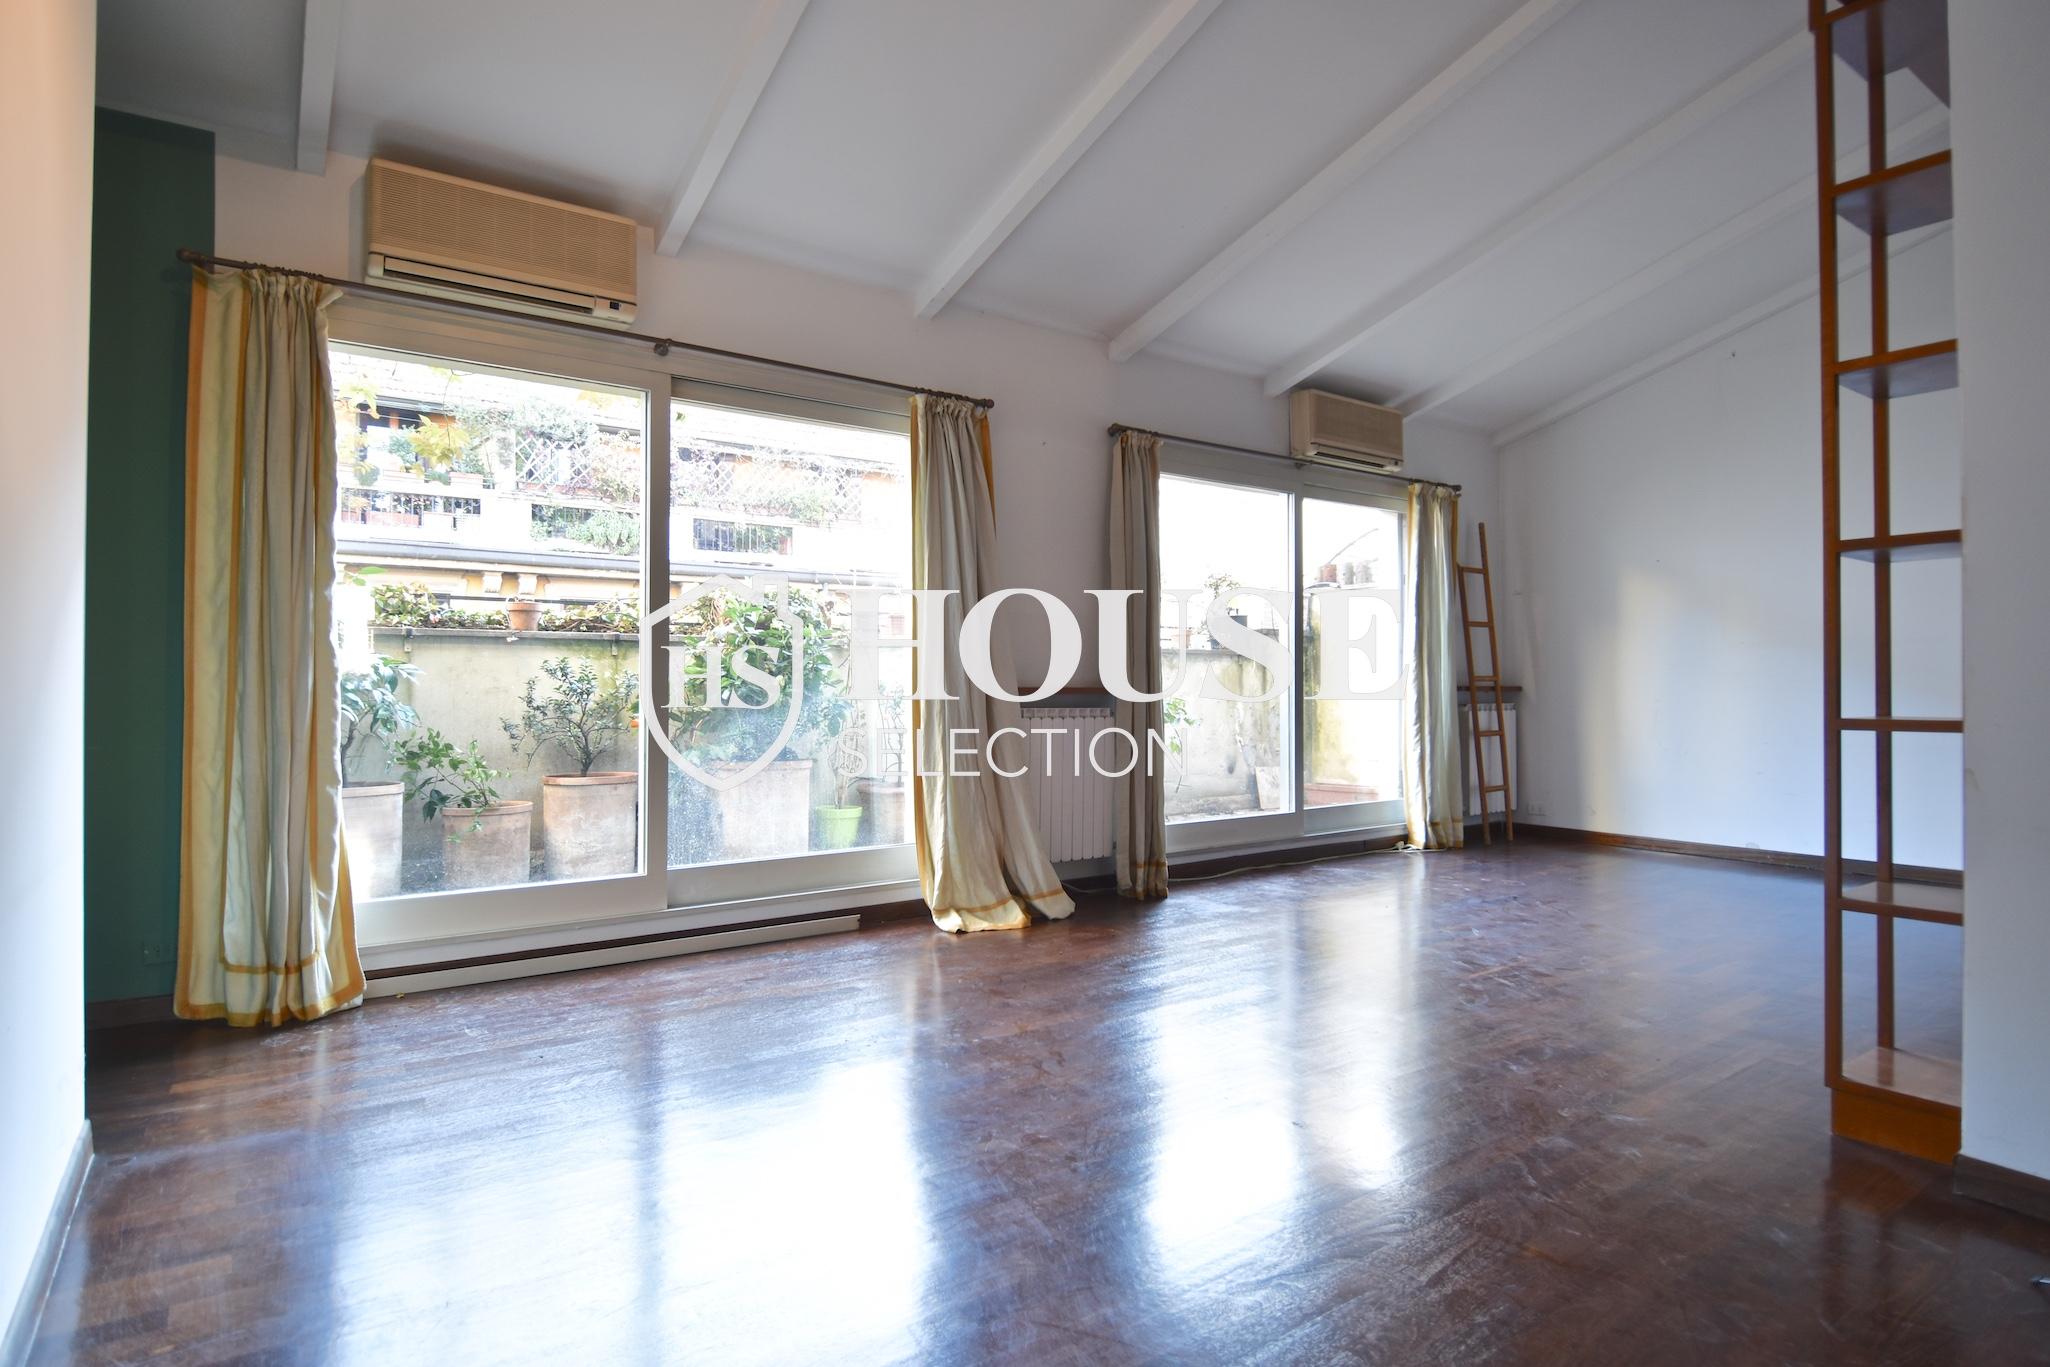 Affitto attico trilocale con terrazzino, via Archimede, tranquillo e luminoso, Milano 1